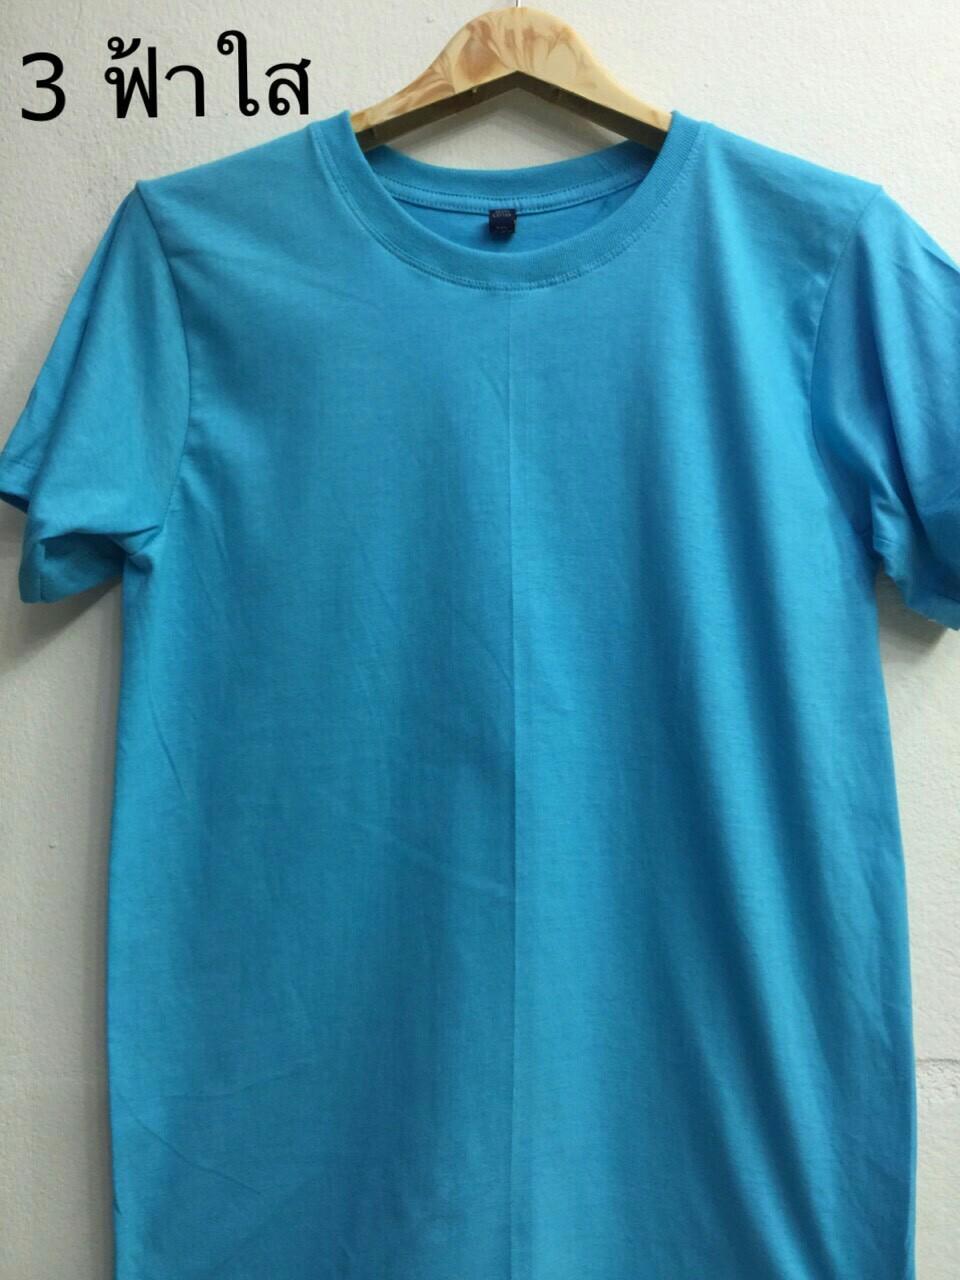 เสื้อ Cotton สีฟ้าอ่อน ไซส์ S,M,L